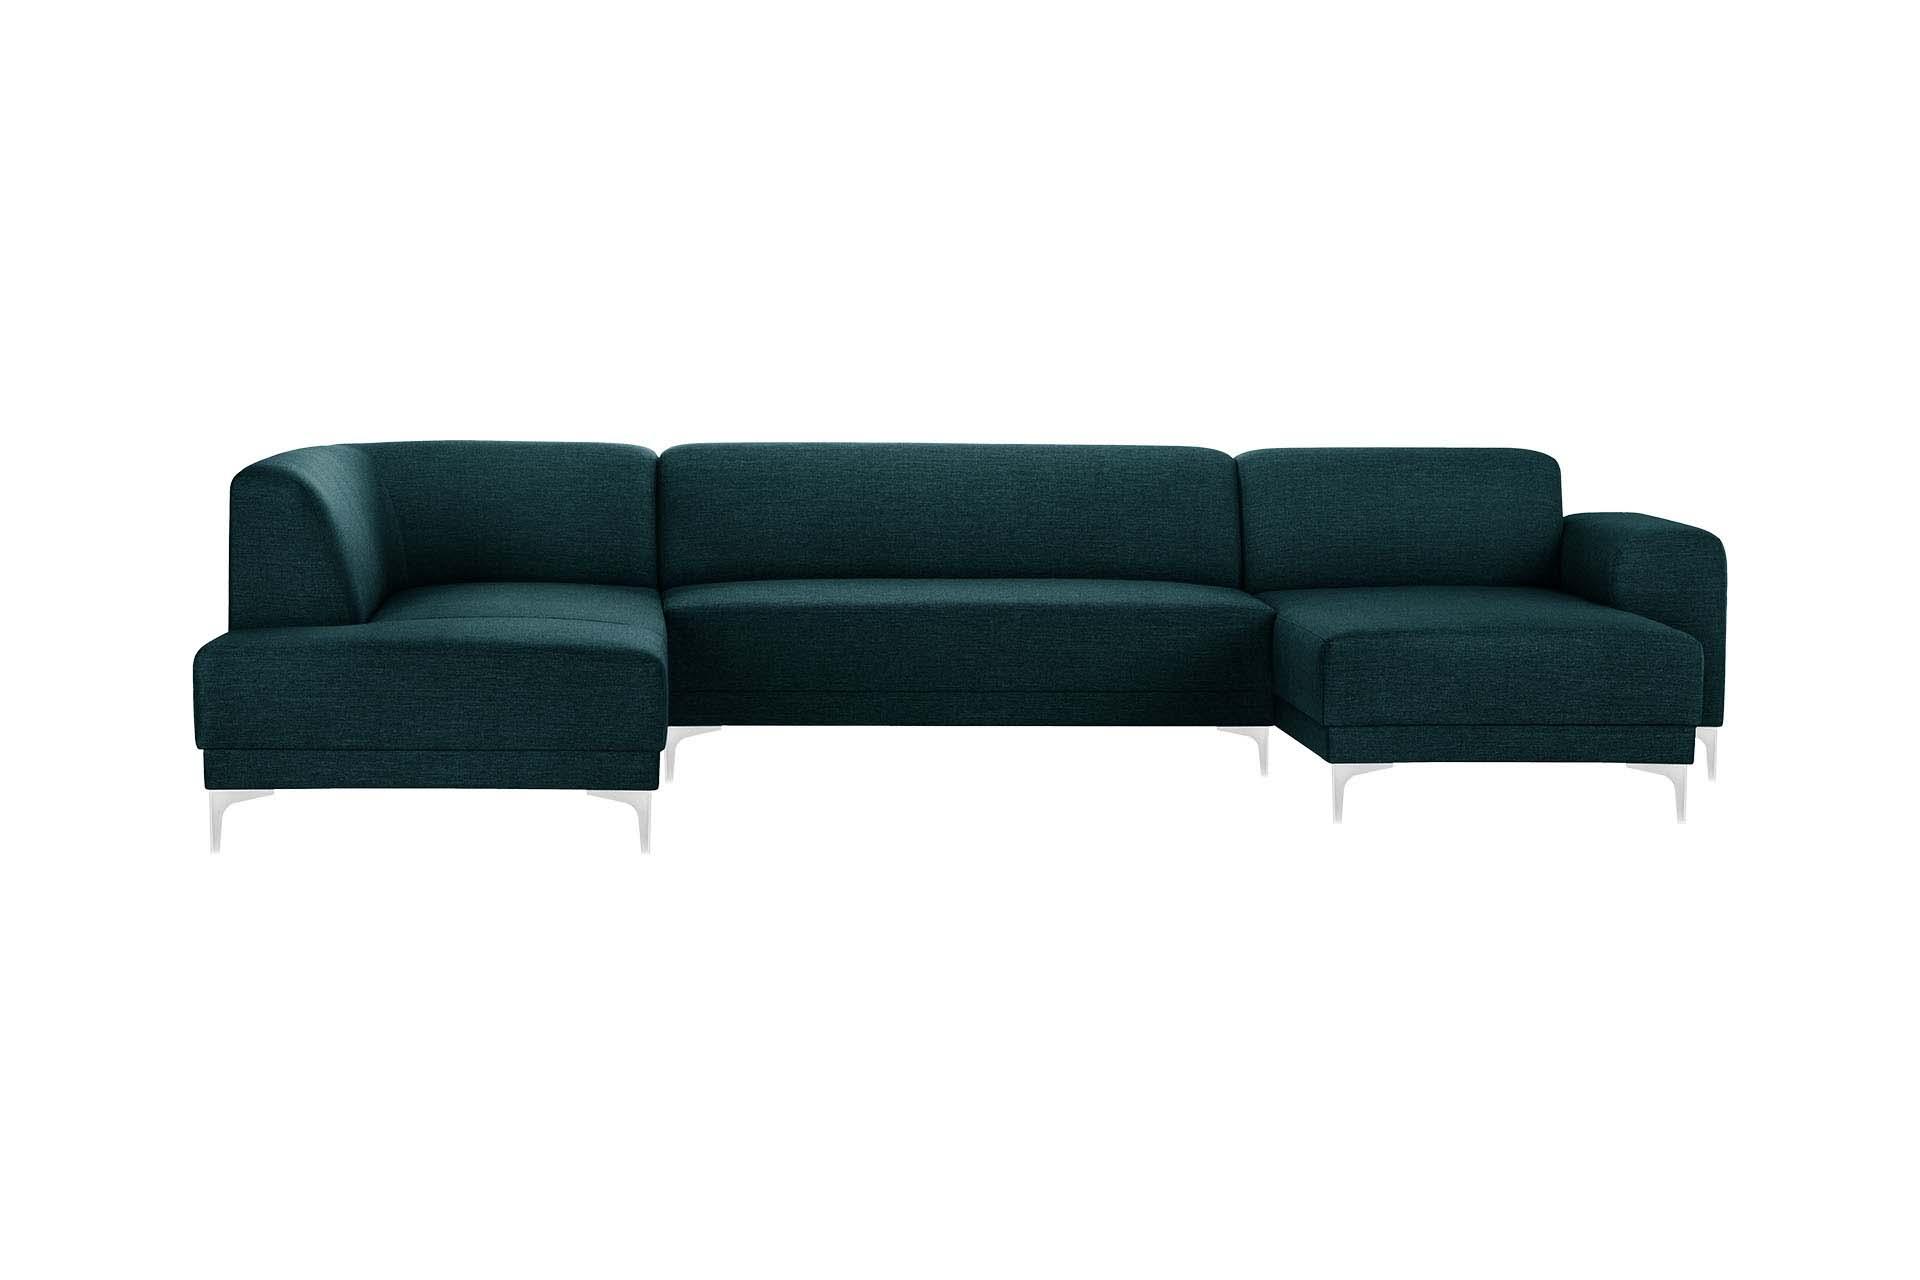 Canapé d'angle droit 6 places toucher lin turquoise